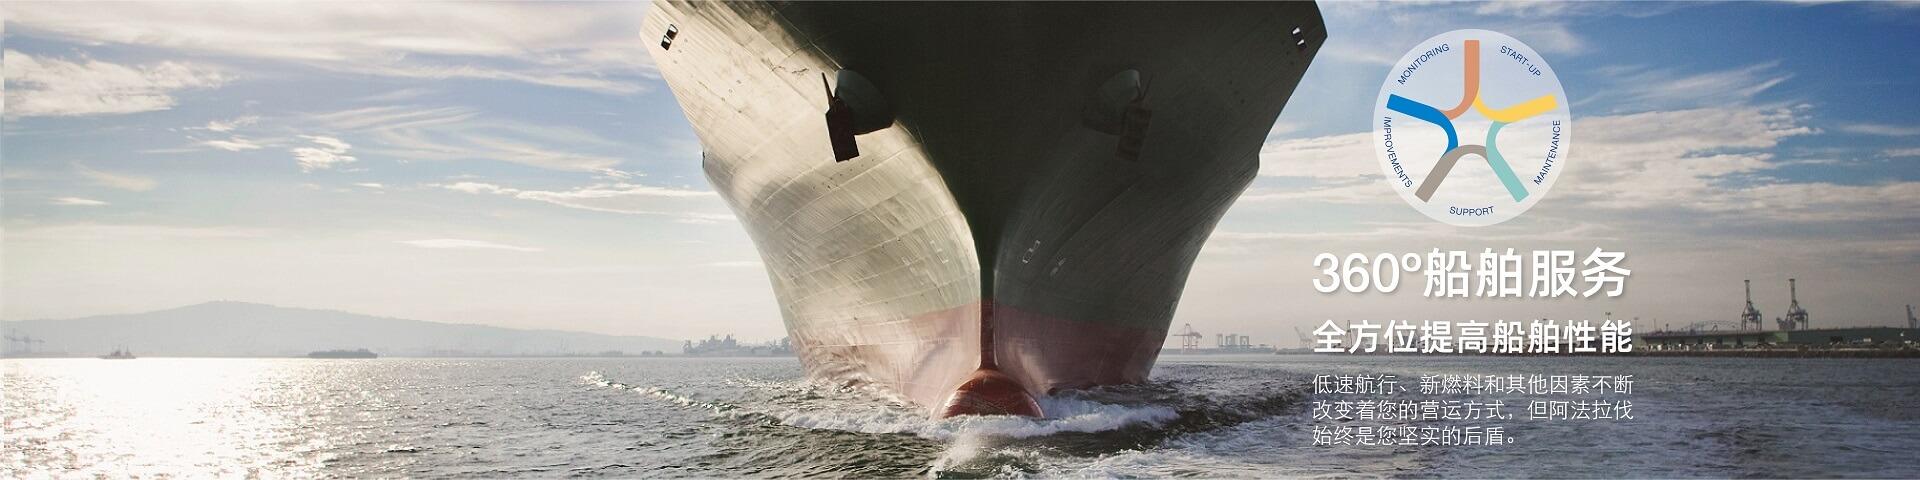 Onboard service